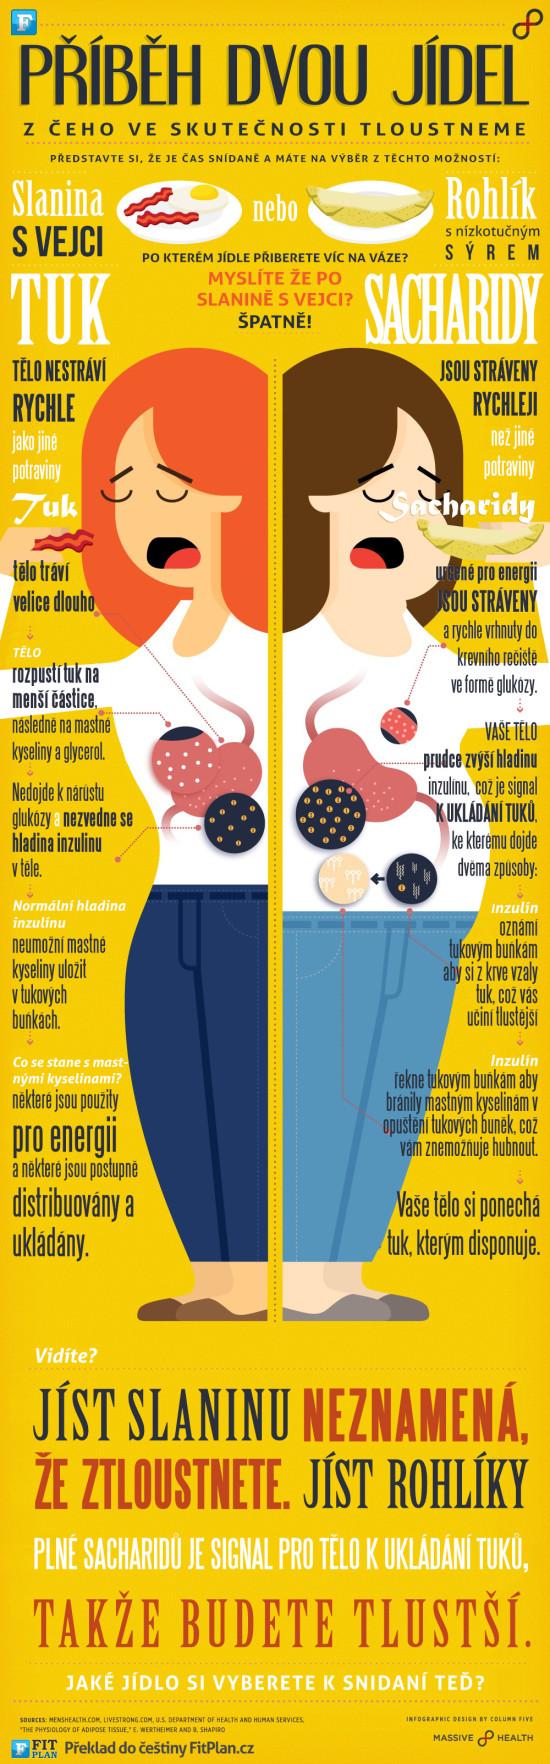 Příběh dvou jídel - z čeho ve skutečnosti tloustneme